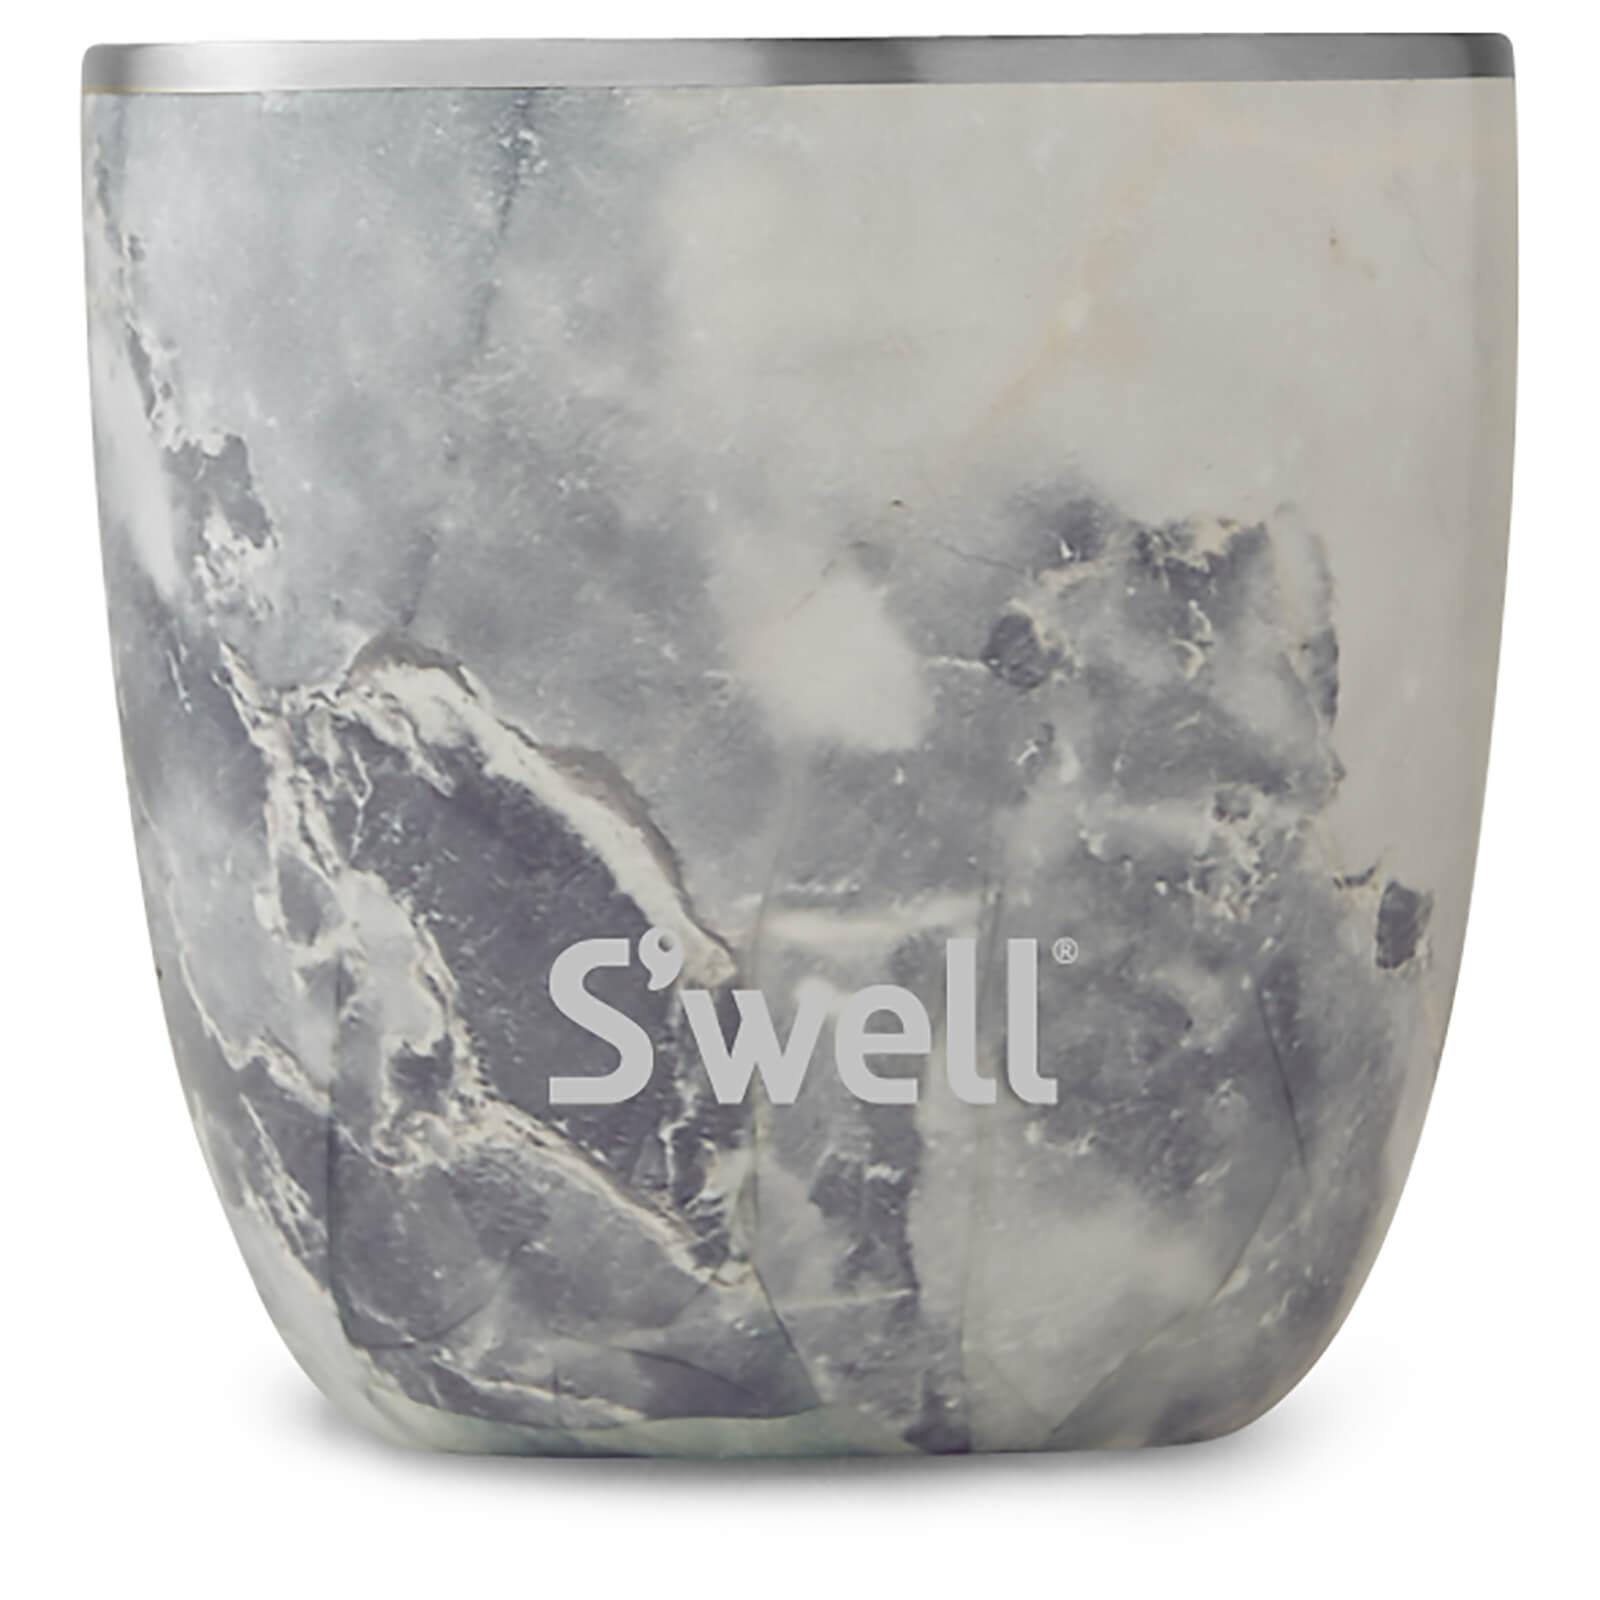 S'well Blue Granite Tumbler 295ml